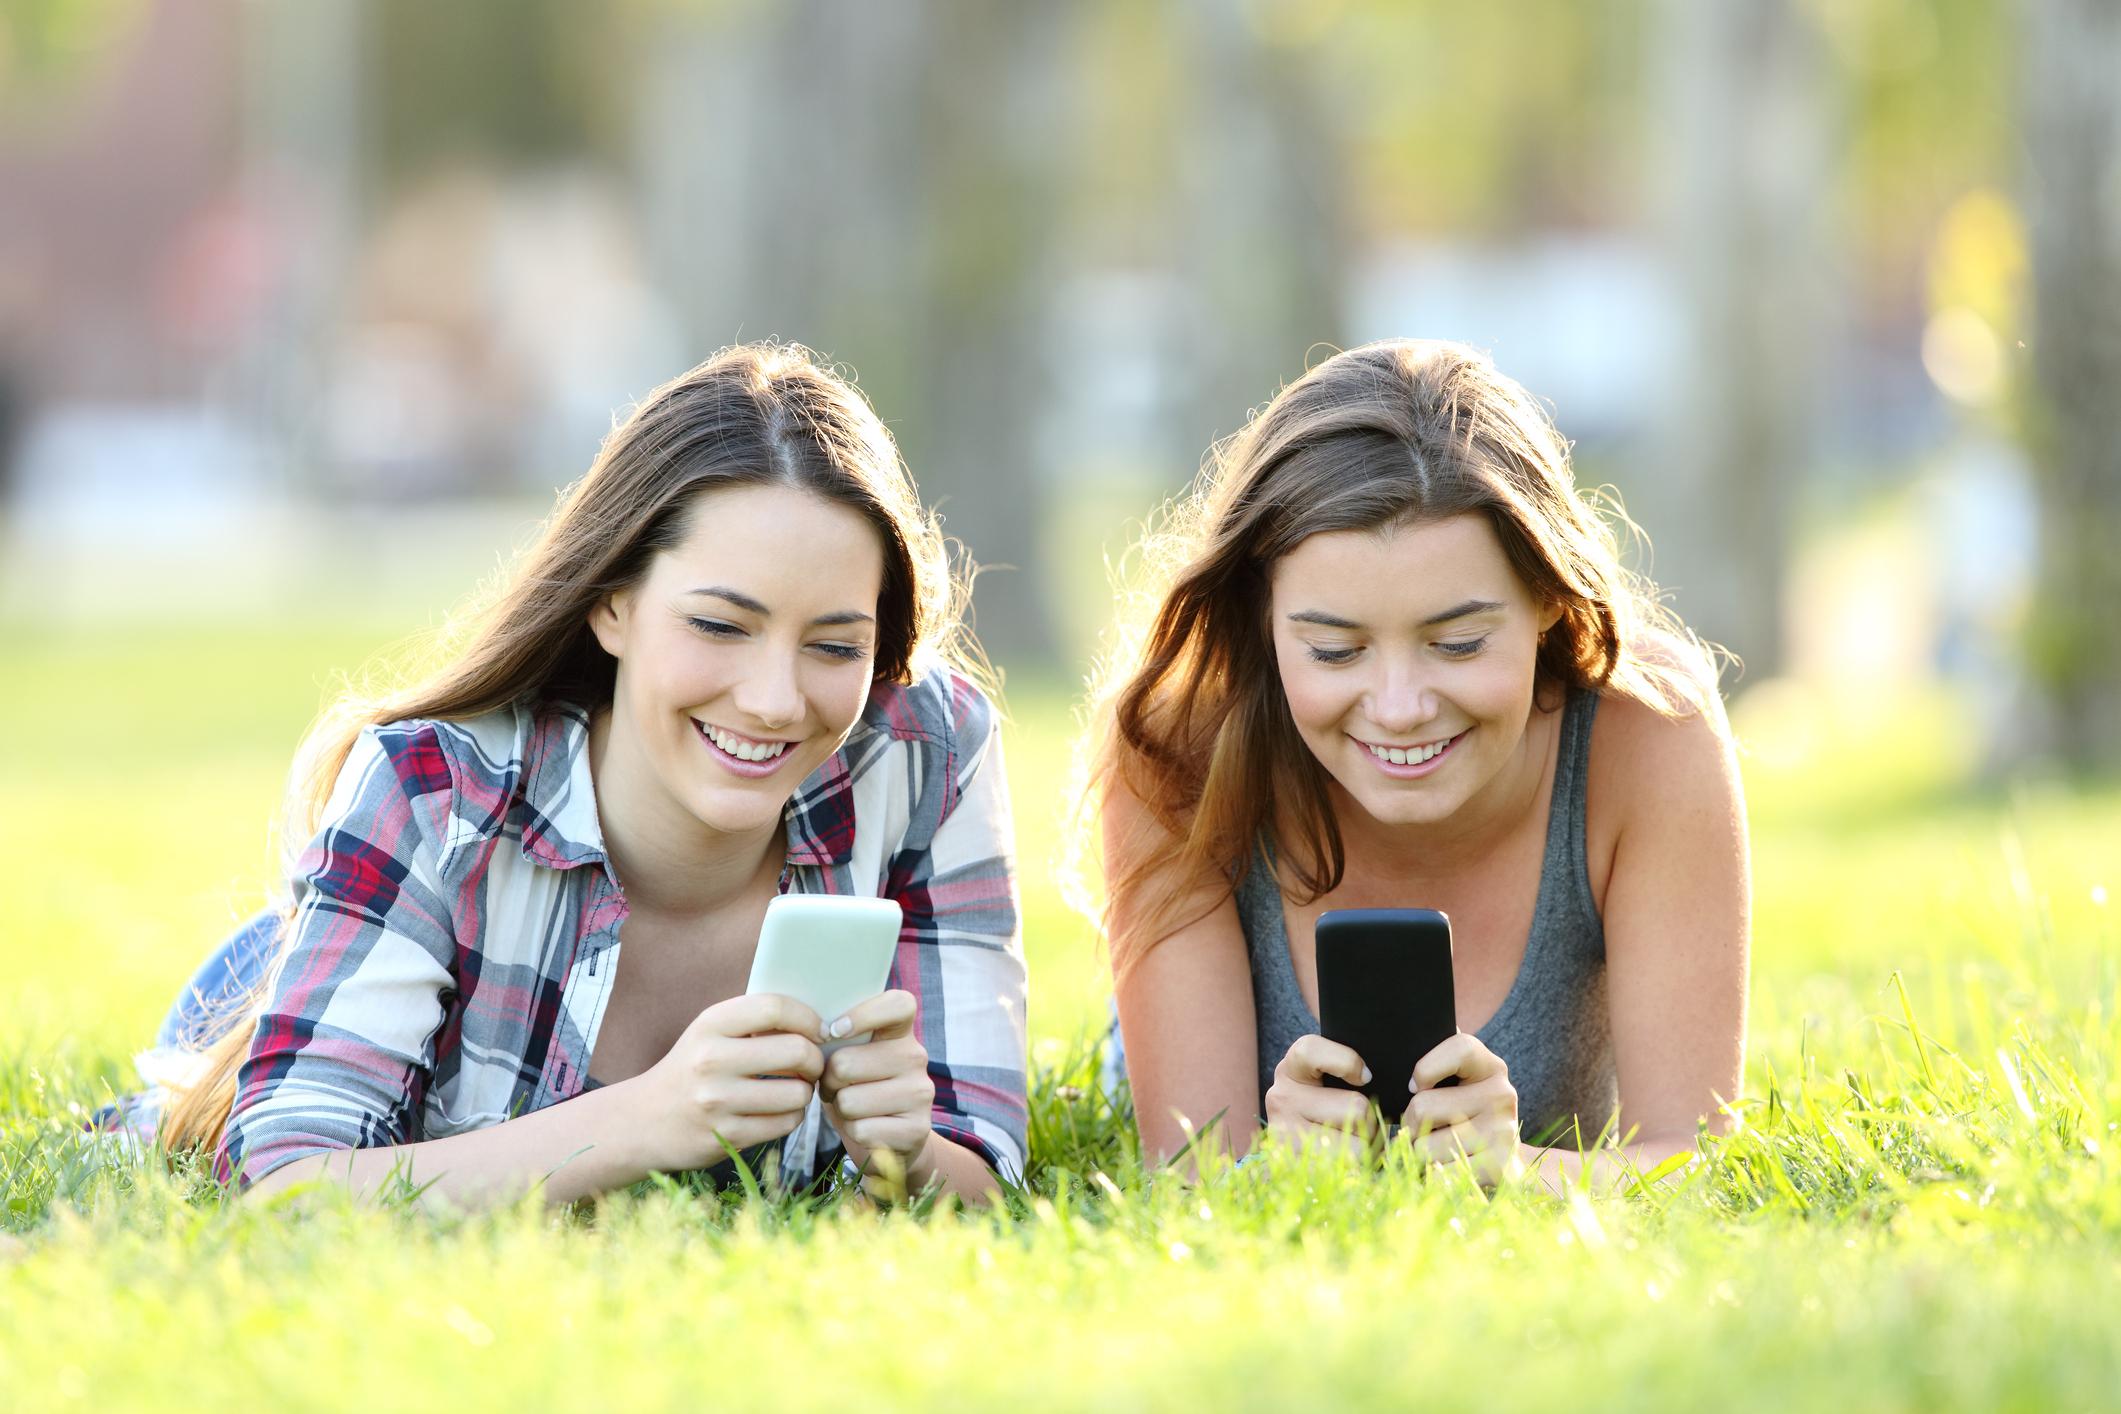 7 عارضه جانبی مضر تلفن همراه بر نوجوانان + 6 روش برای جلوگیری از تاثیرات منفی موبایل